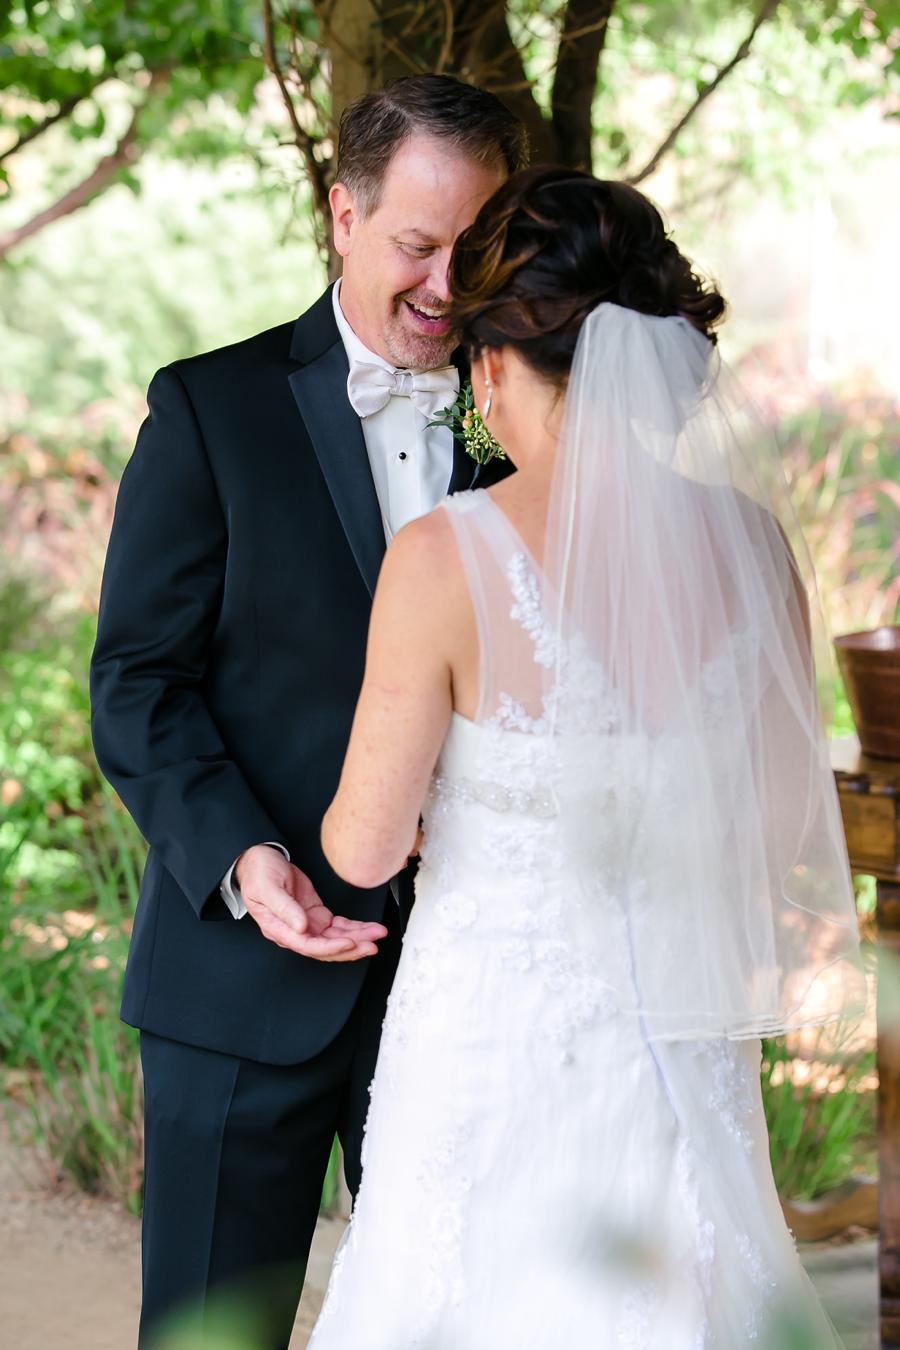 ARROYO-TRABUCO-GOLF-COURSE-WEDDING-PHOTOGRAPHY_015.JPG